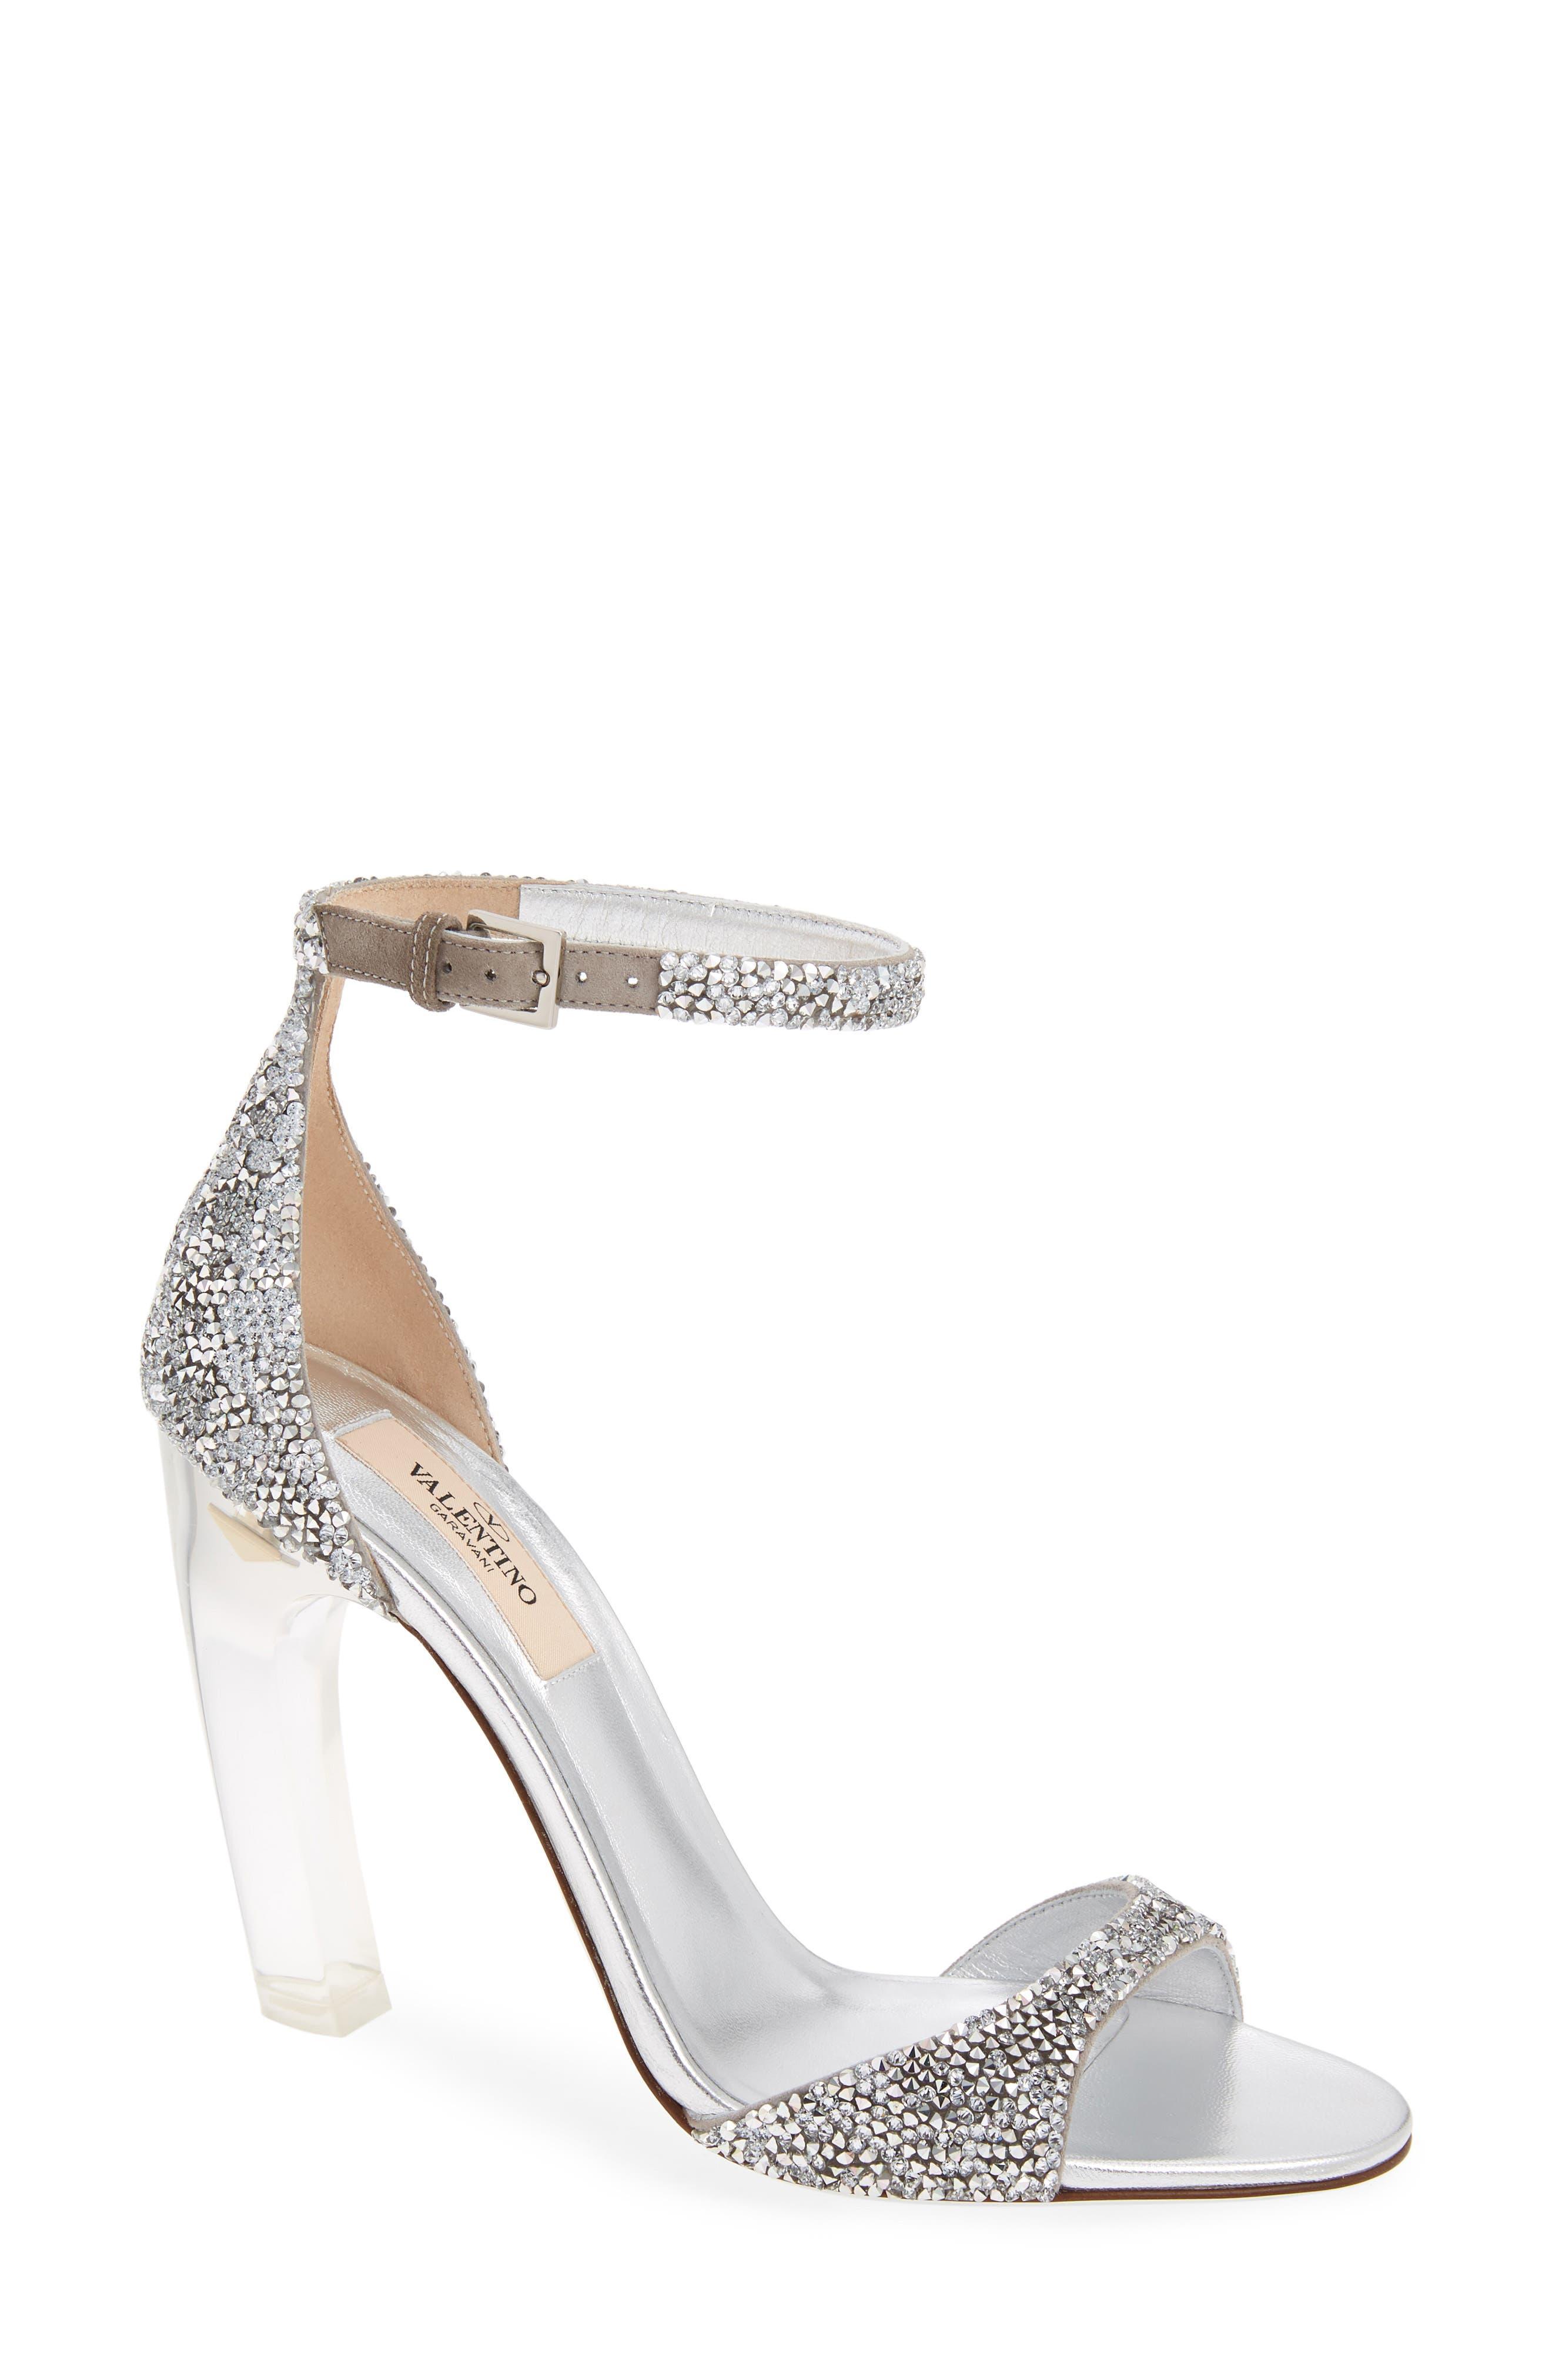 GARAVANI Crystal Embellished Clear Heel Sandal,                         Main,                         color, Silver